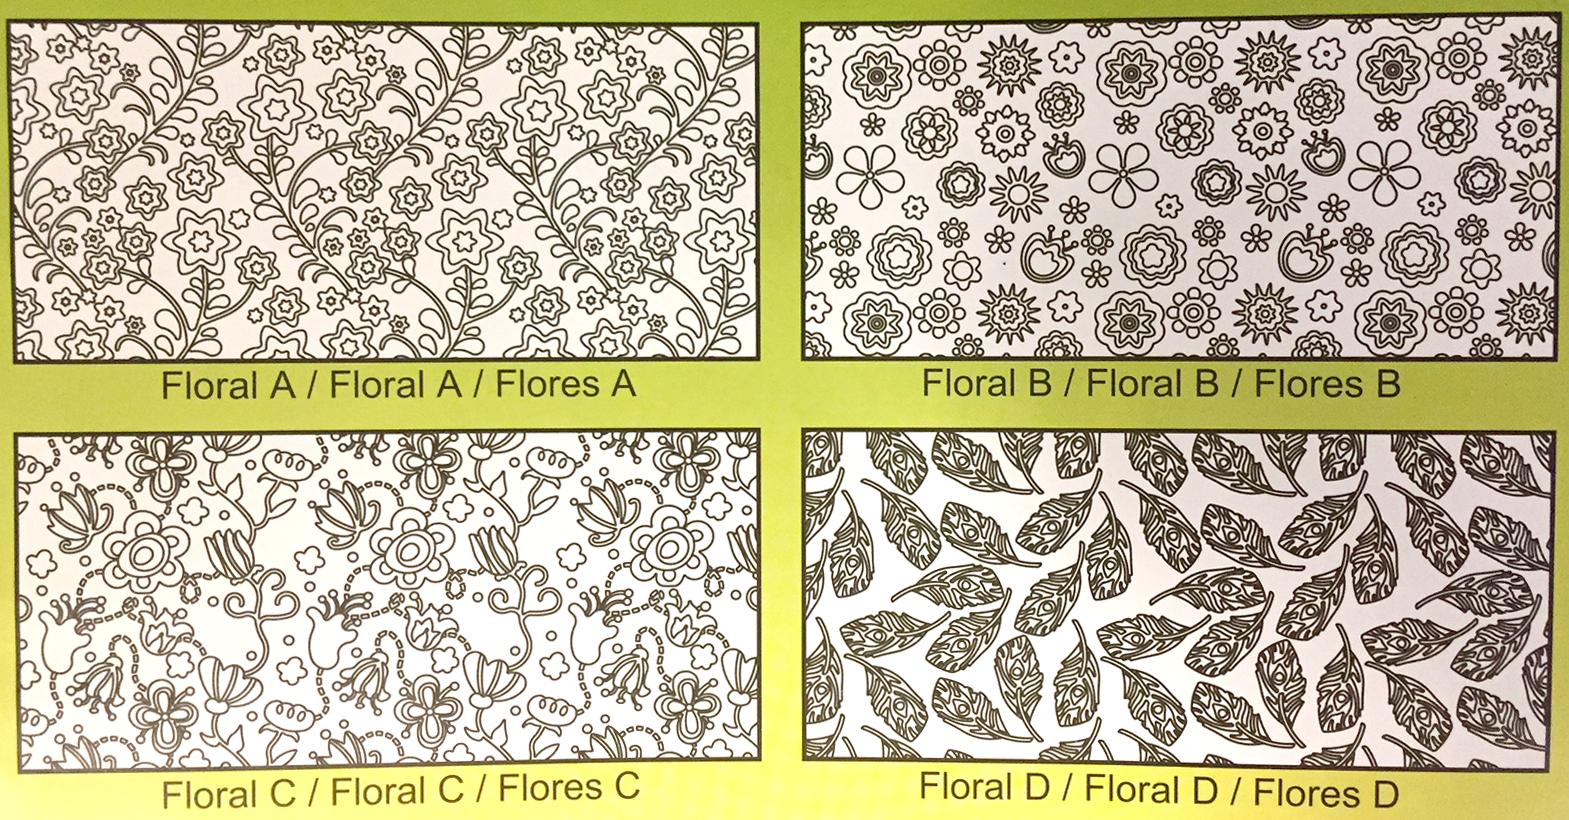 floralsets.png